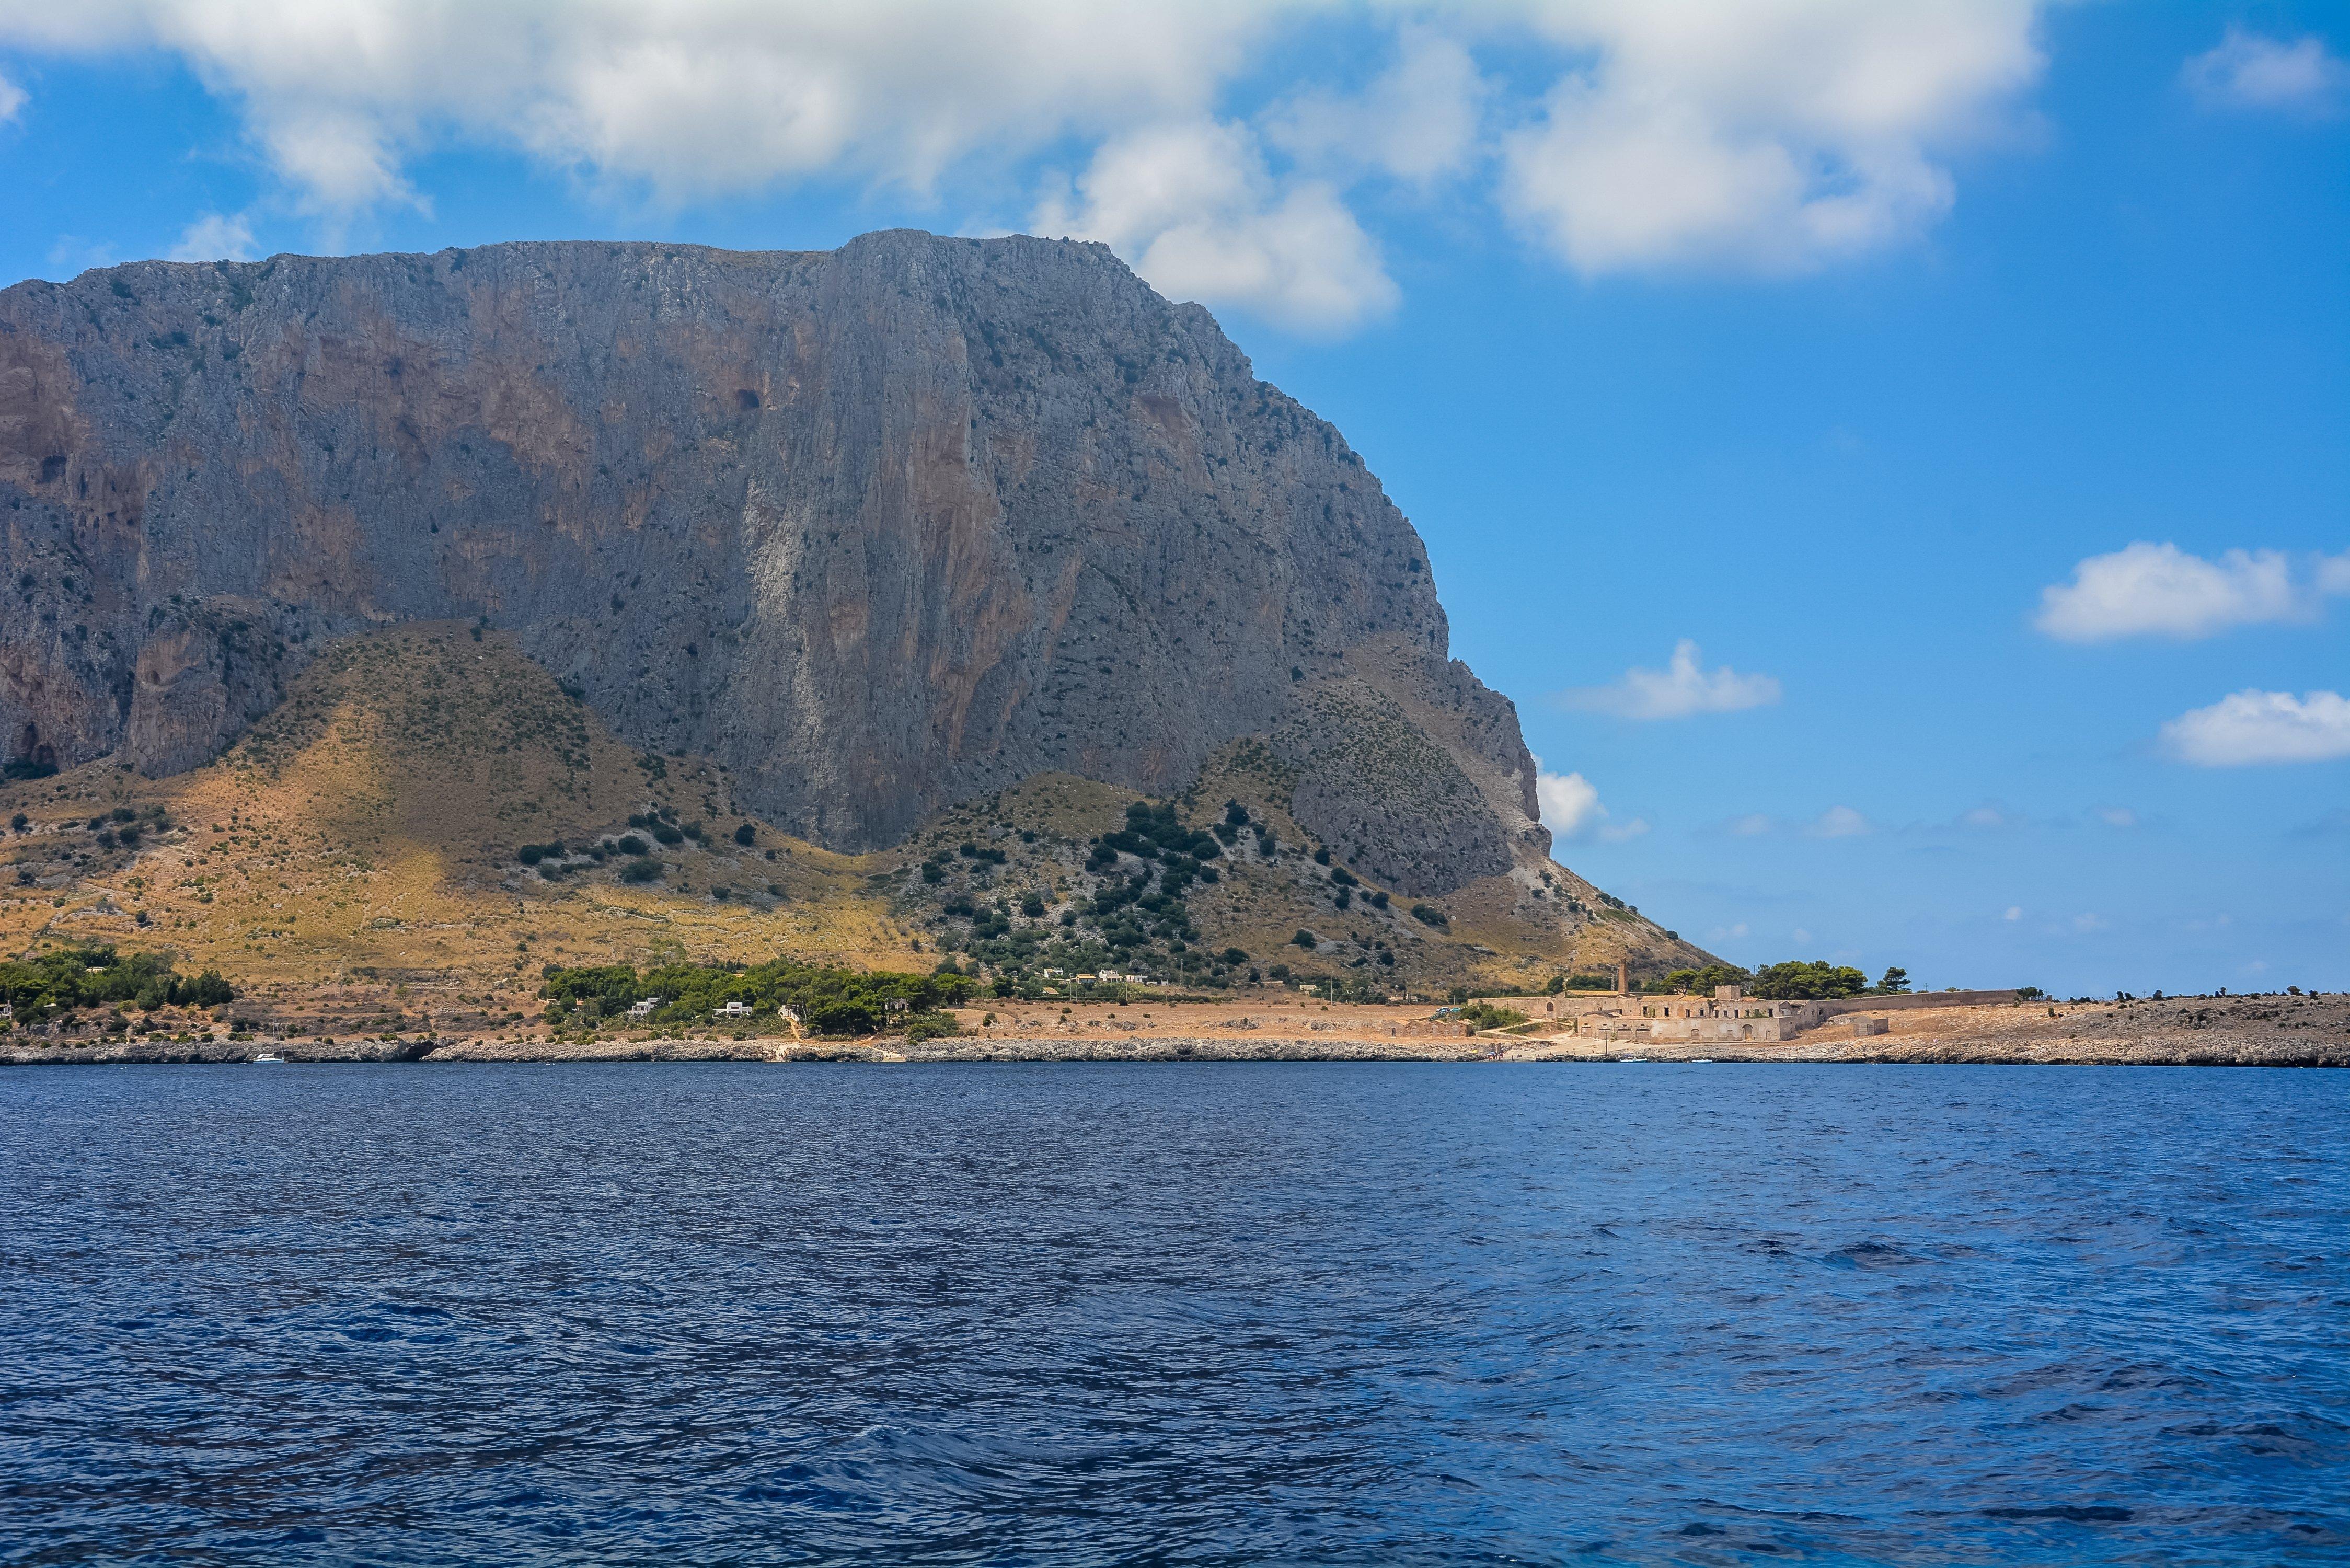 beach tuna factory san vito lo capo tonnara del secco abandoned urbex lost places italy sicily ocean view